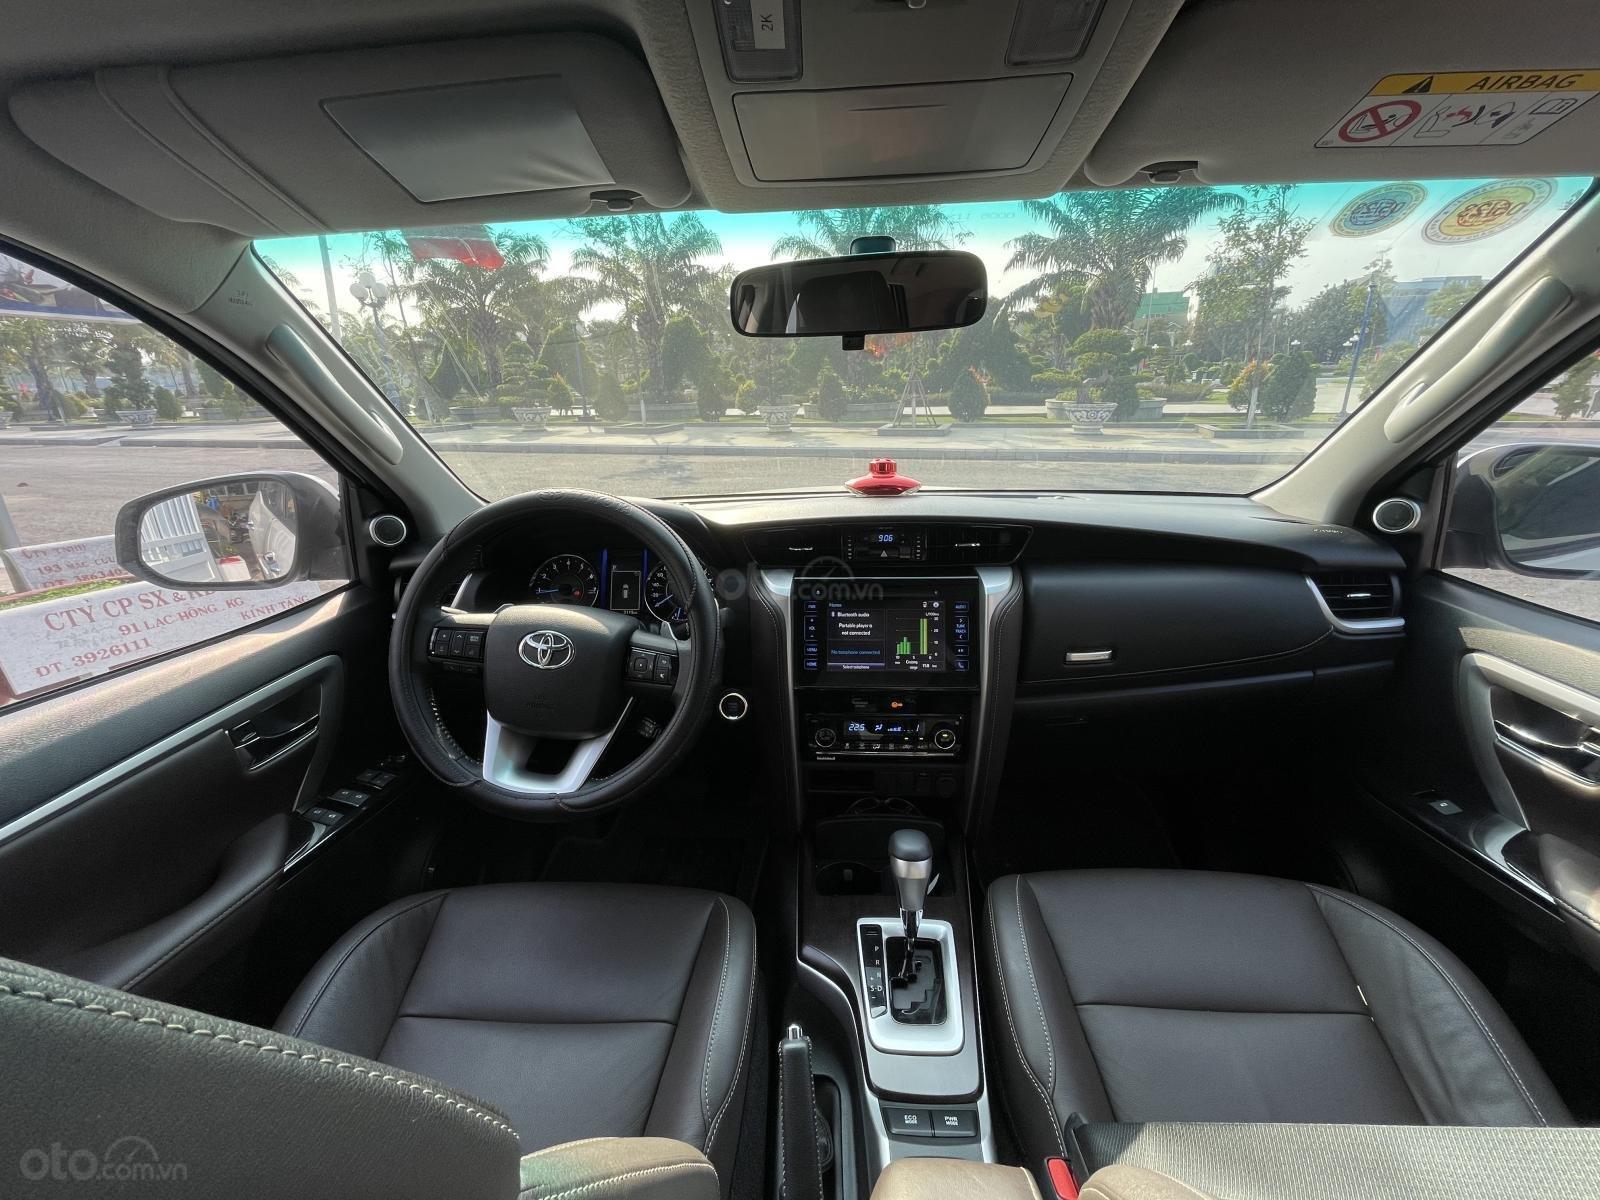 Xe biển đẹp   ô tô Toyota Fortuner sản xuất 2019 (5)